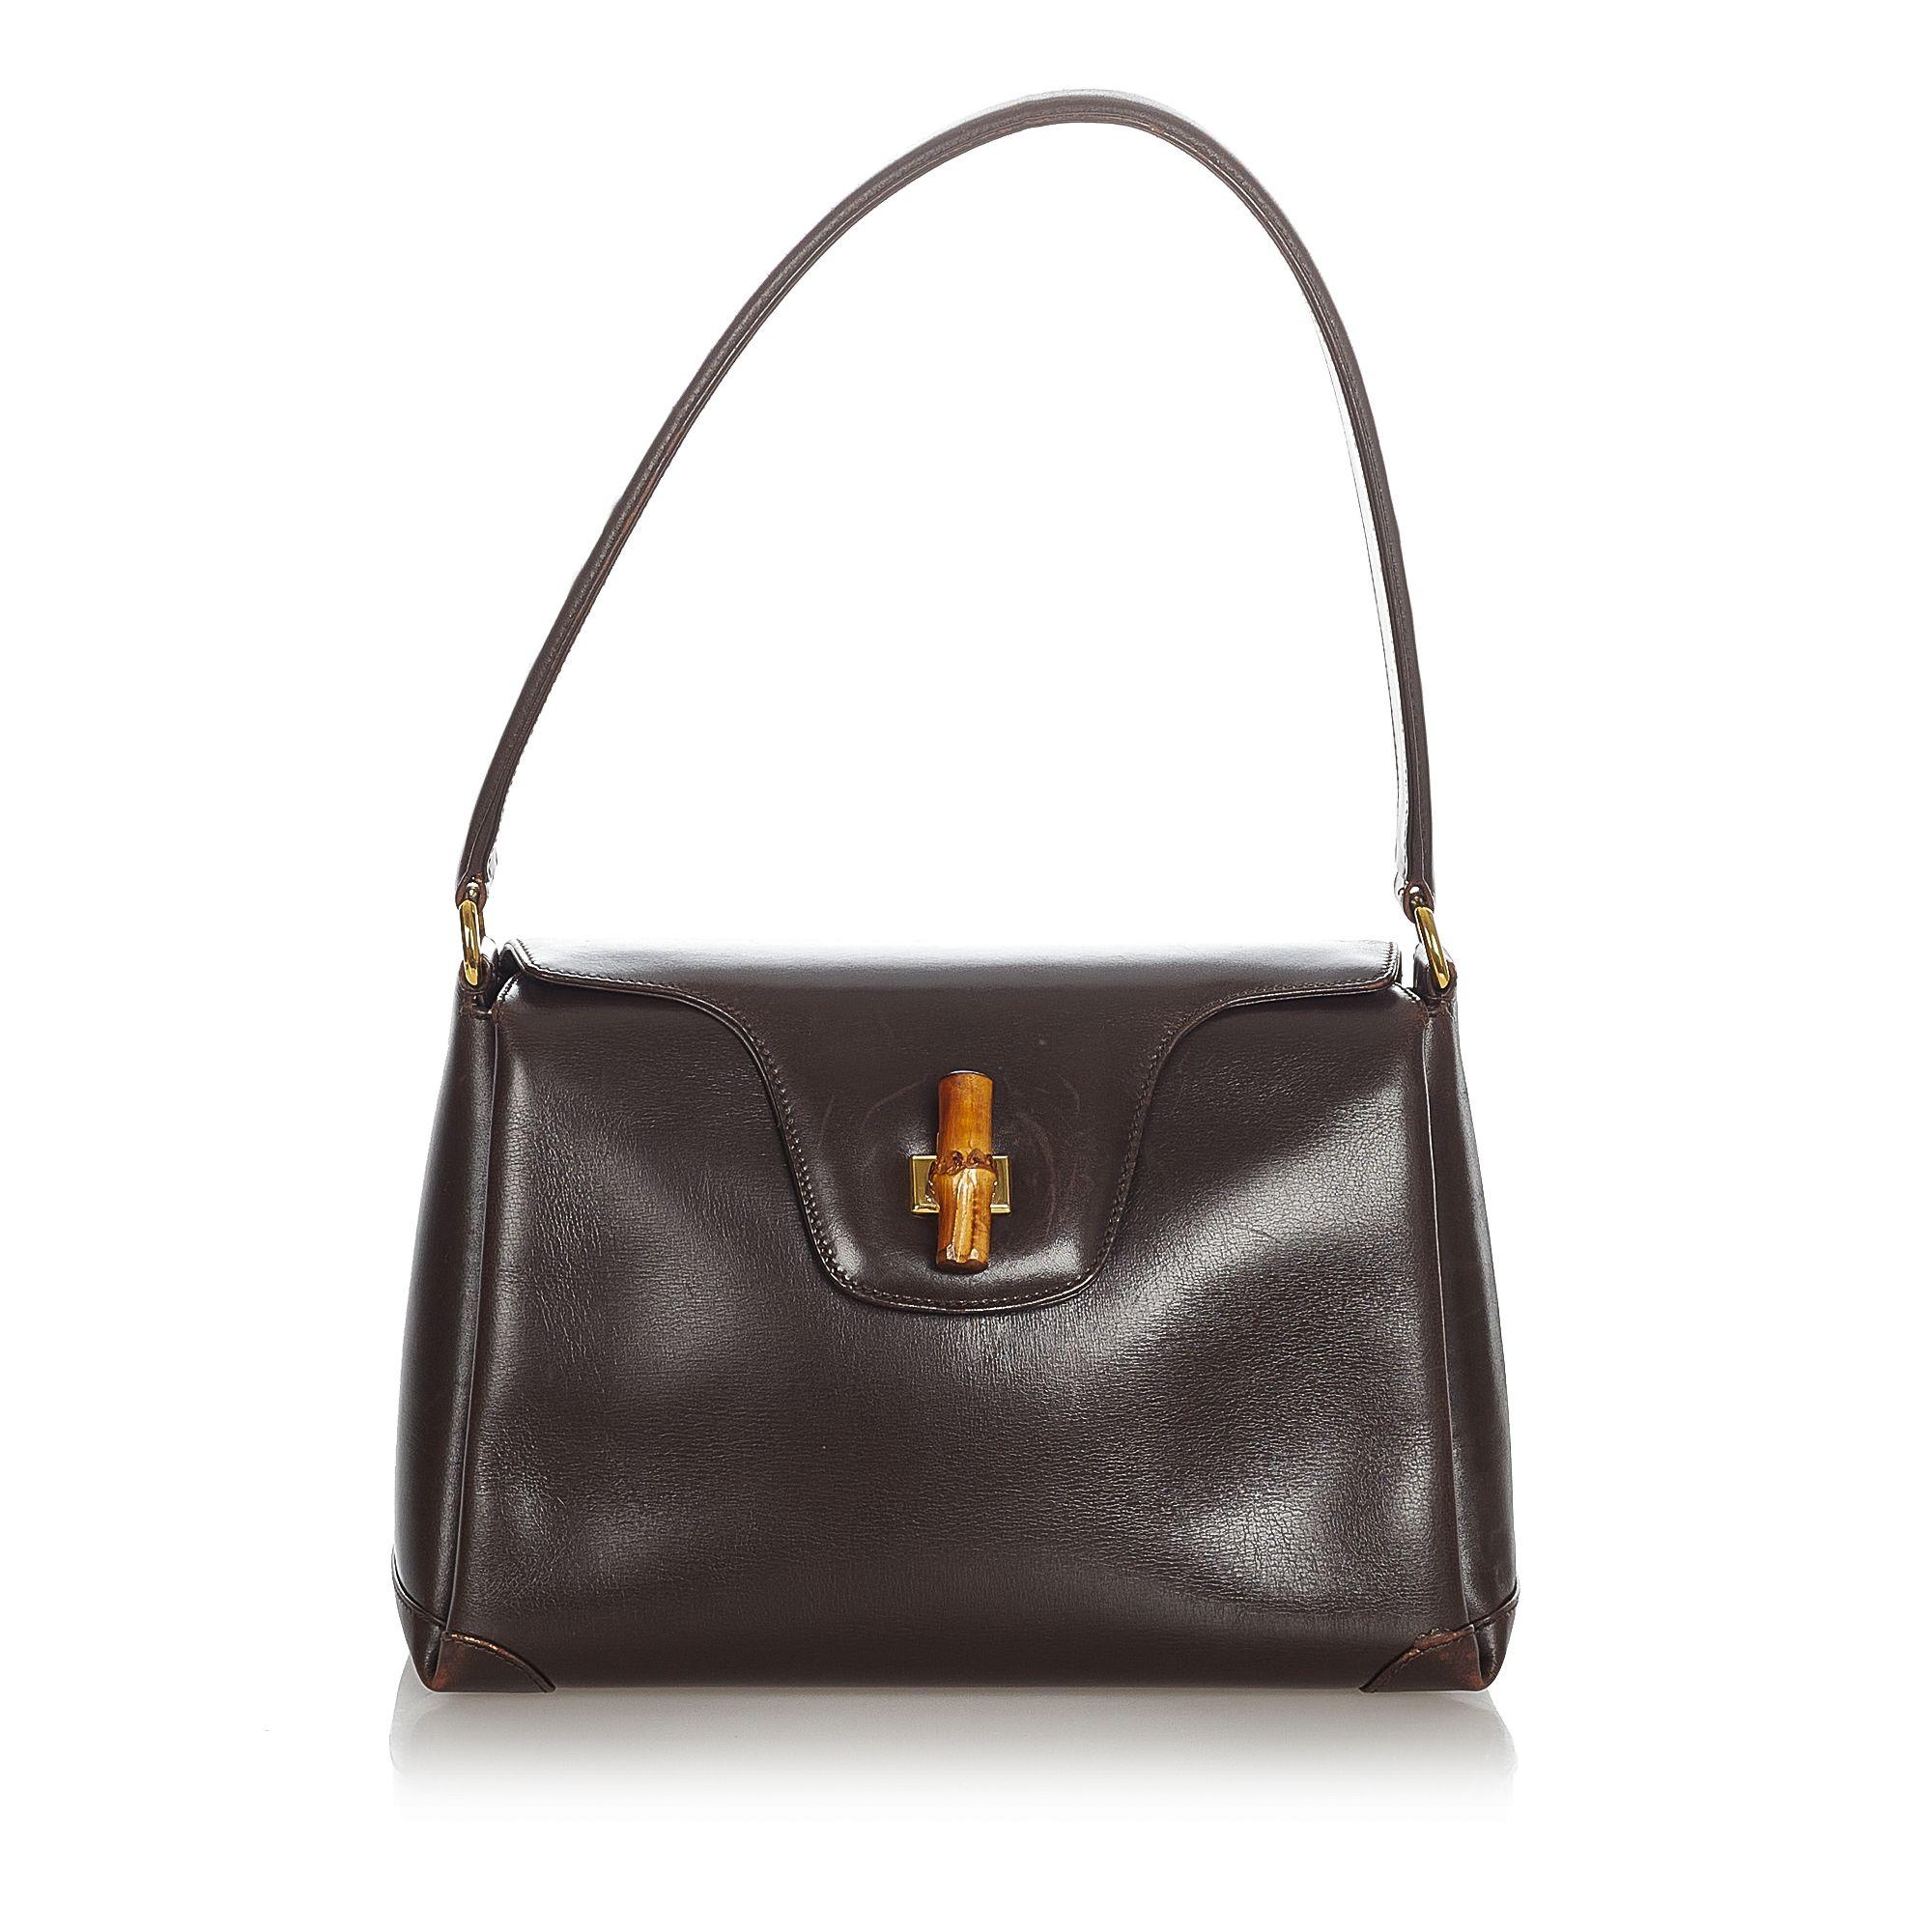 Vintage Gucci Bamboo Leather Handbag Brown